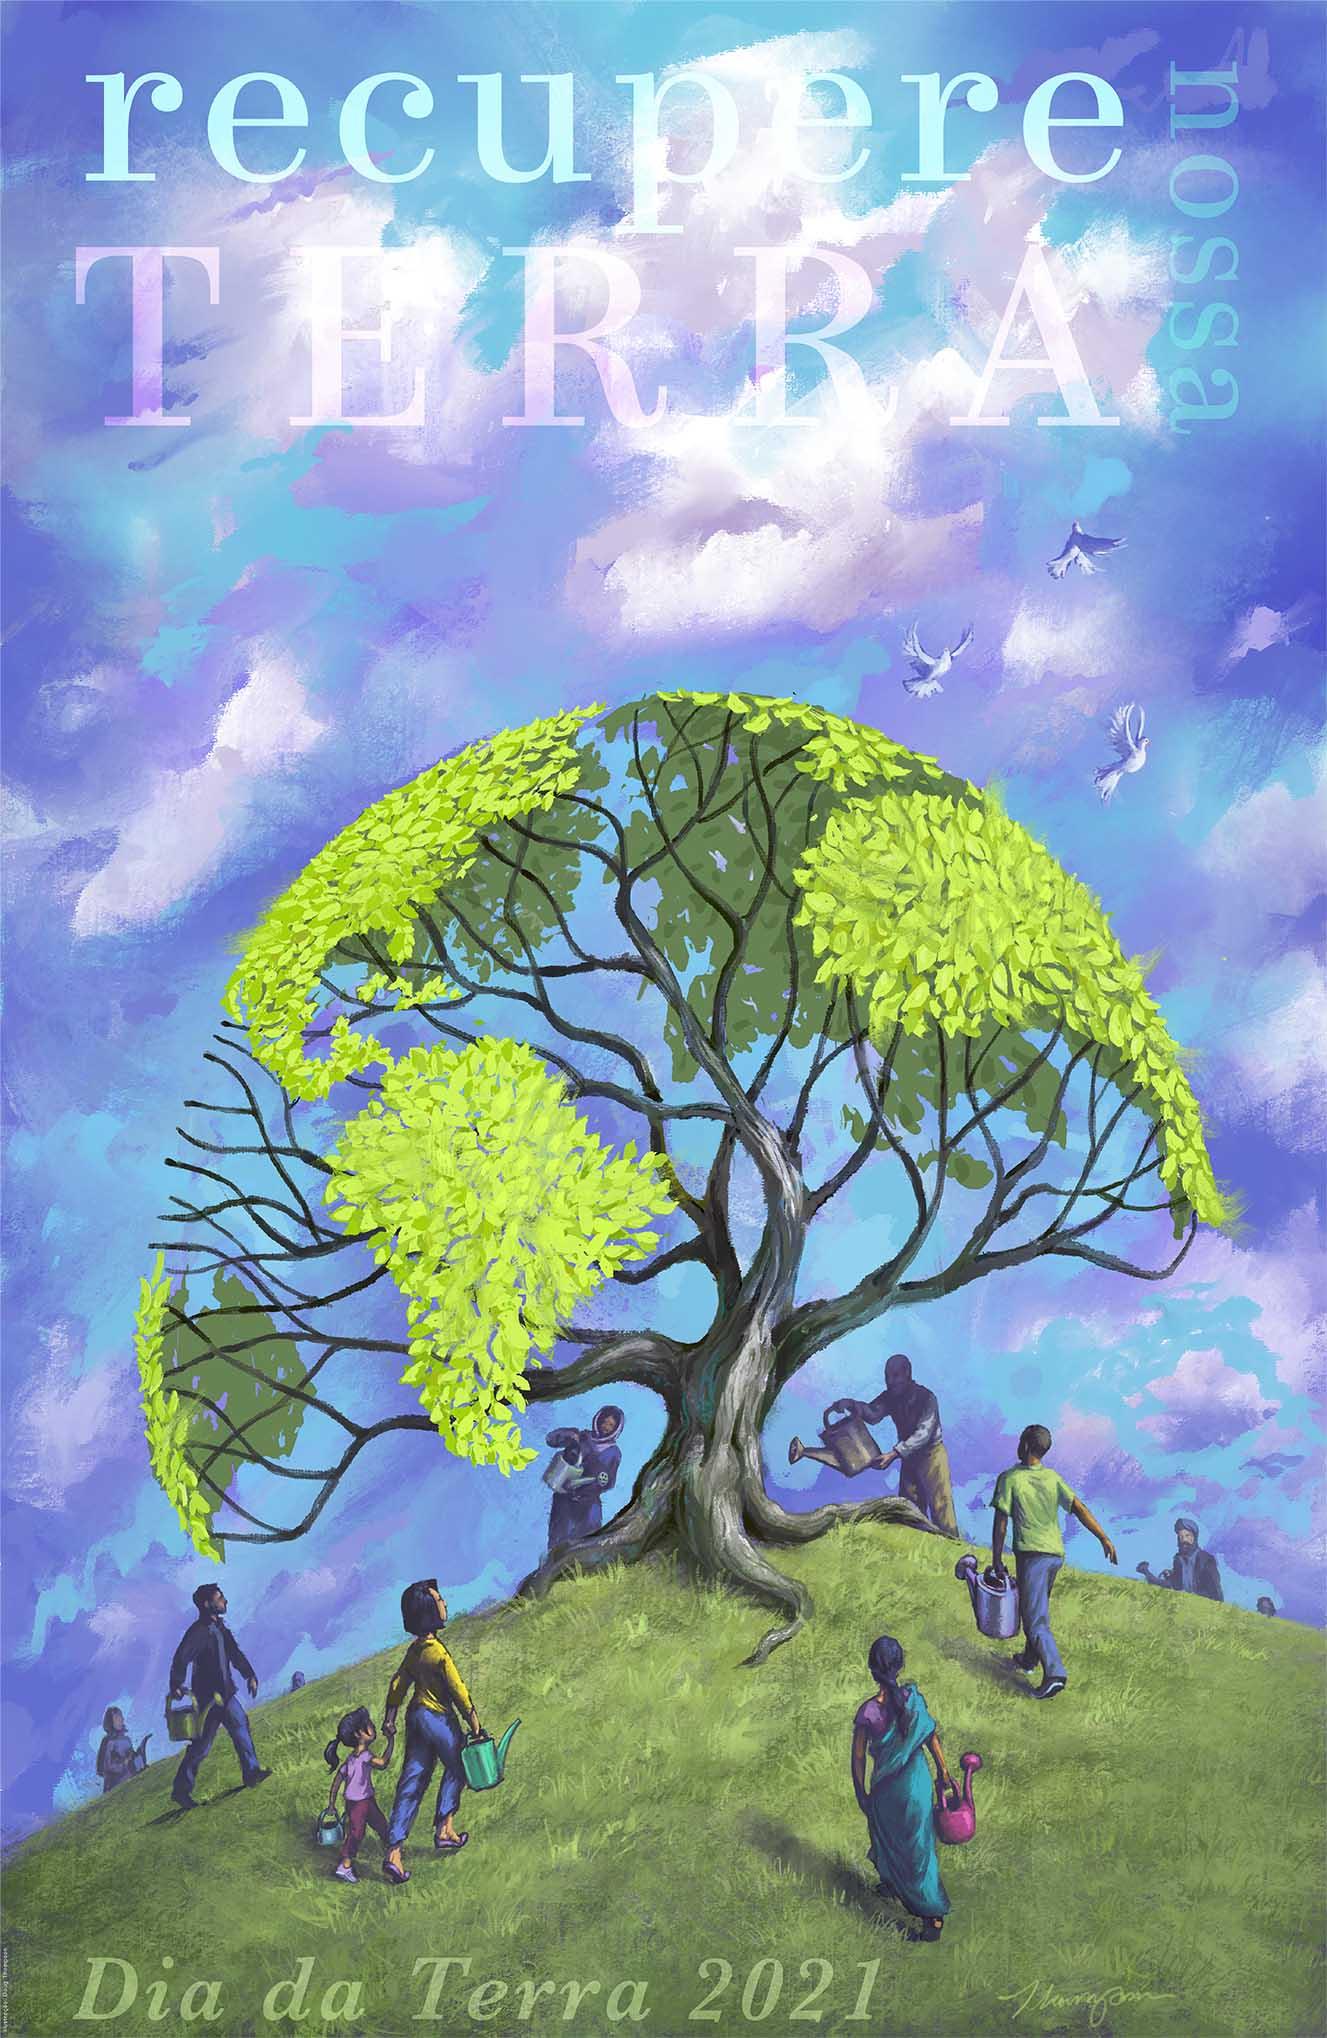 Cartaz ilustrado retrata pessoas regando uma árvore em forma do planeta Terra (Depto. de Estado/D. Thompson)